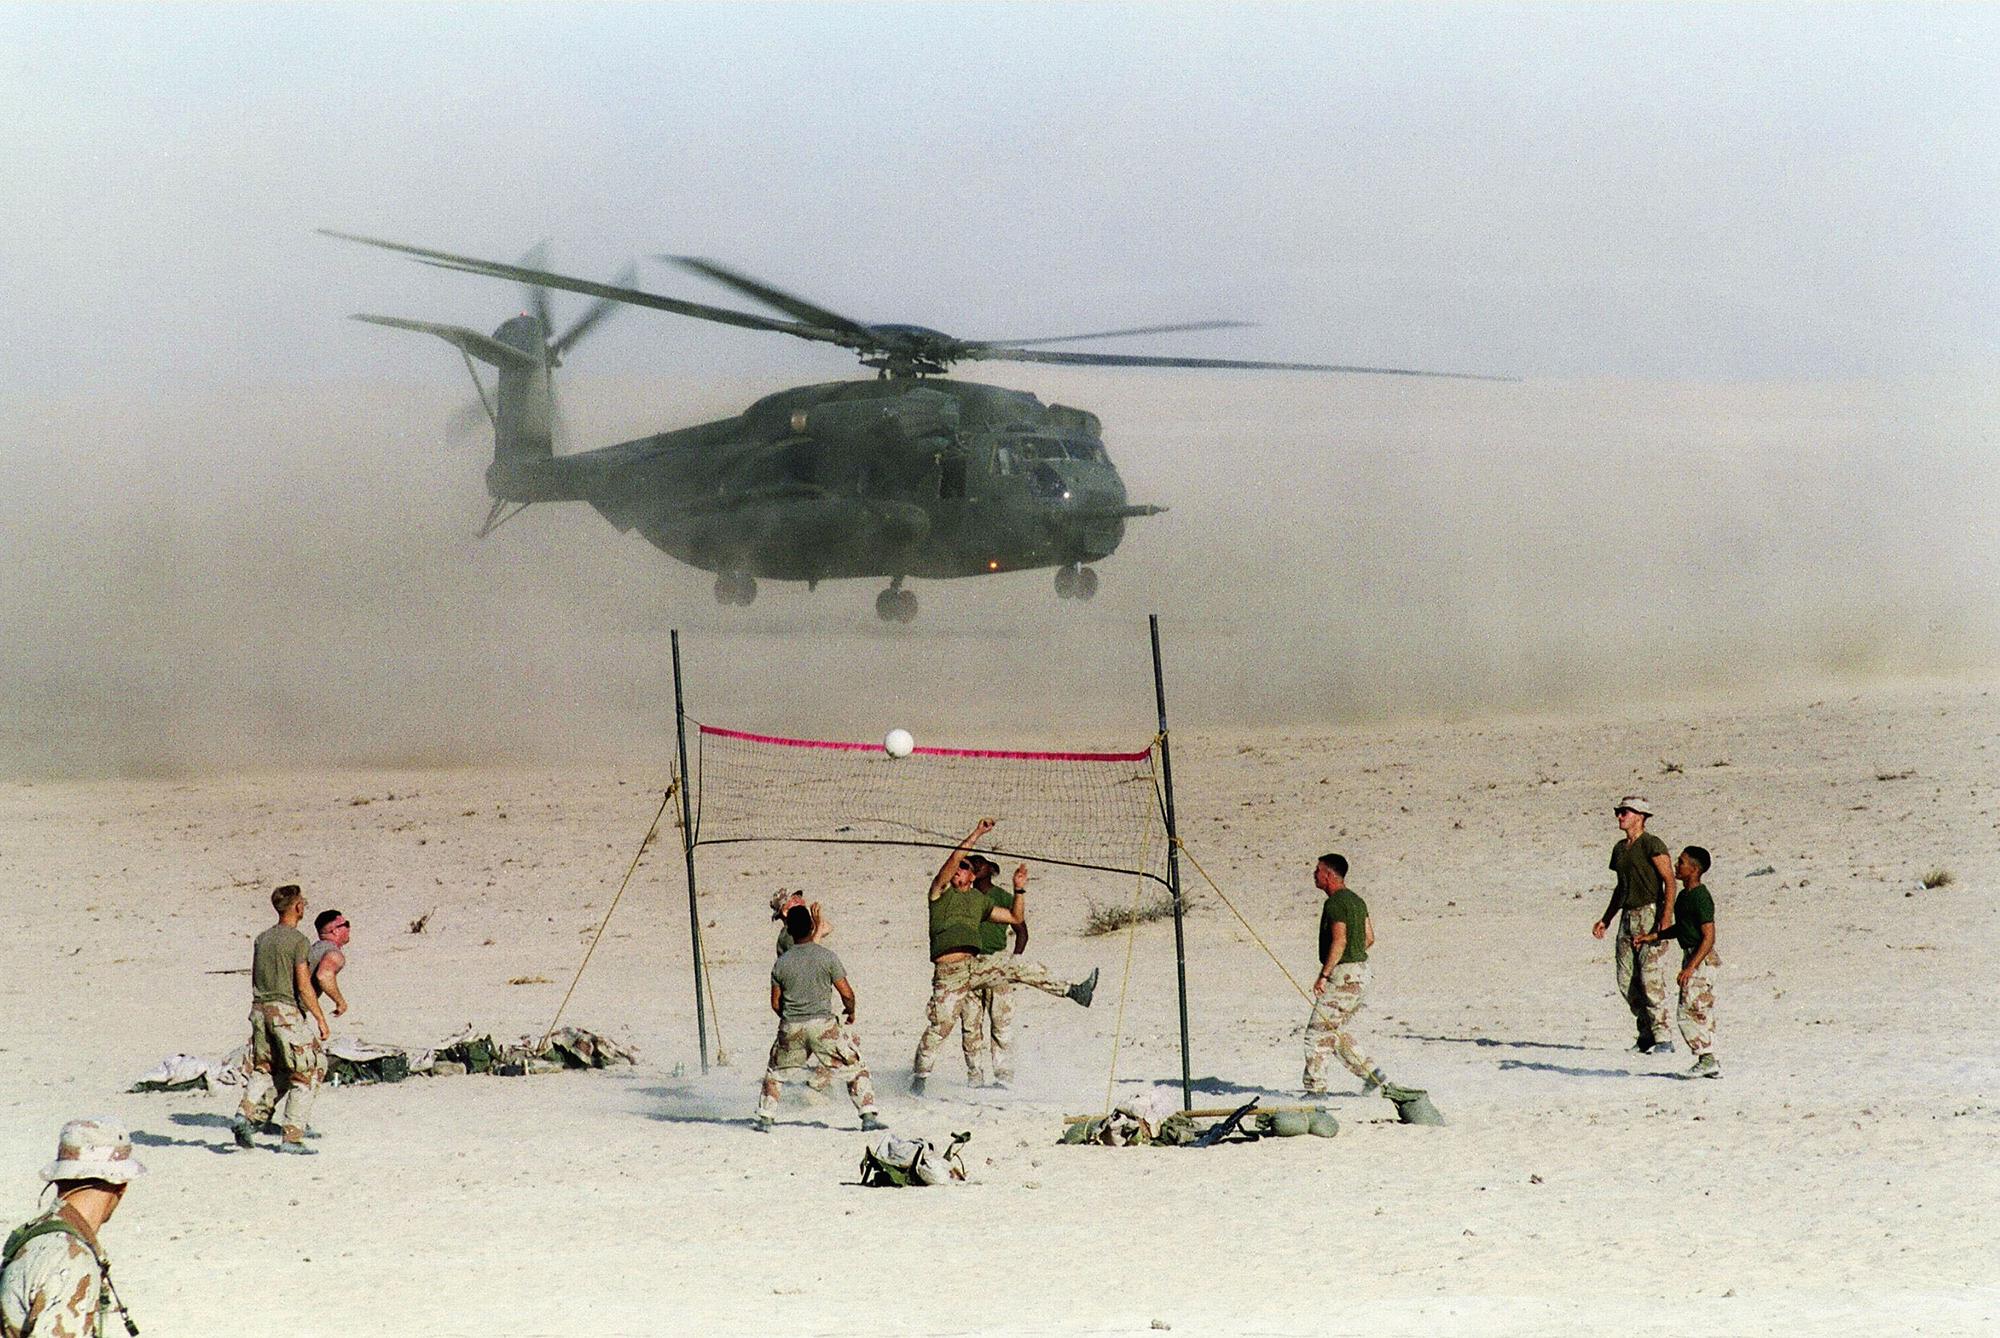 US Marines spielem am 9. November 1990 in der saudi-arabischen Wüste Volleyball.